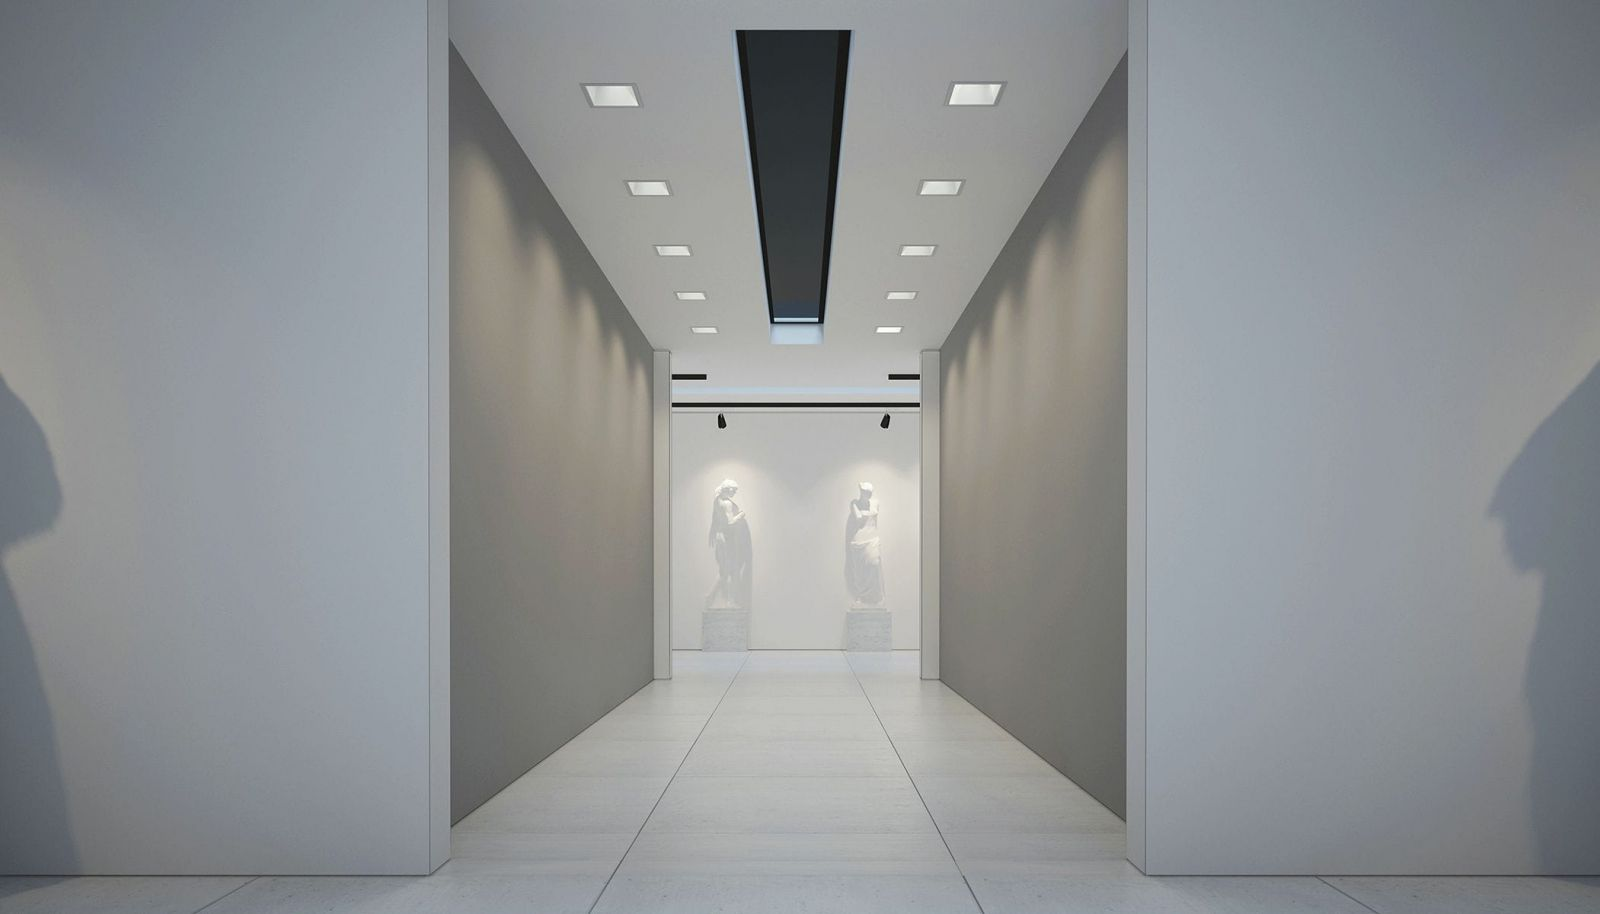 Đèn âm trần vuông cho trung tâm thương mại